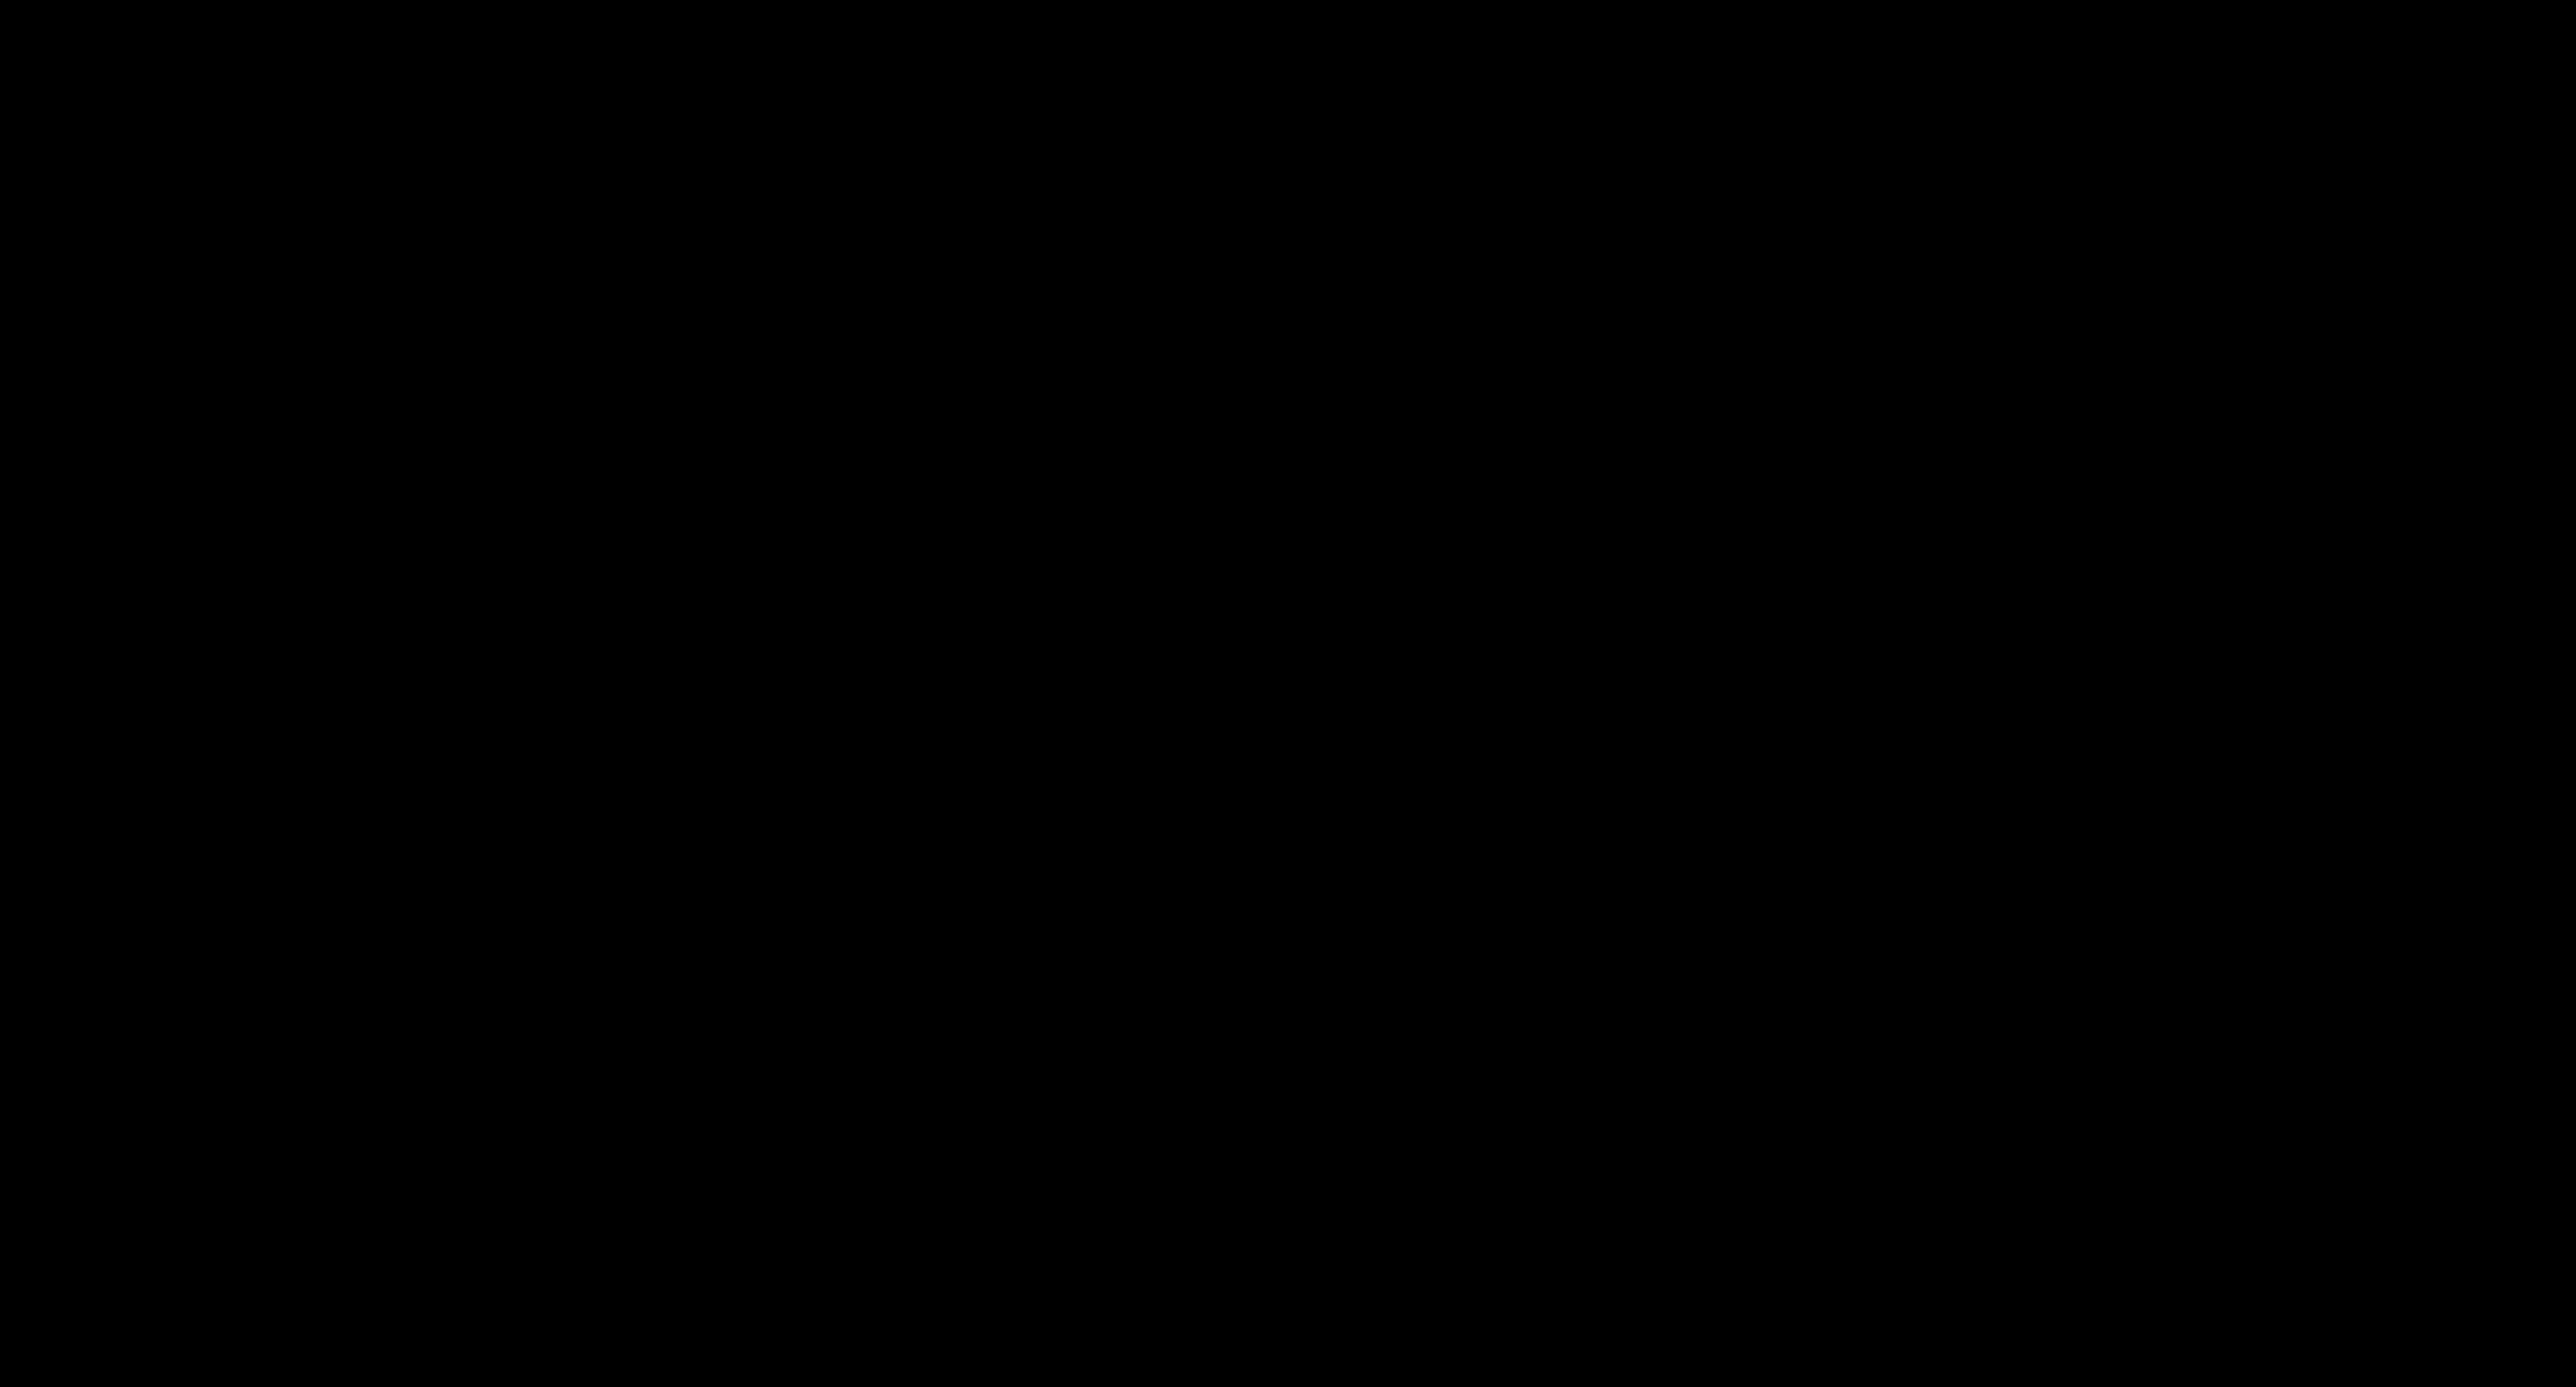 ray ban logo 2 - Ray-Ban Logo